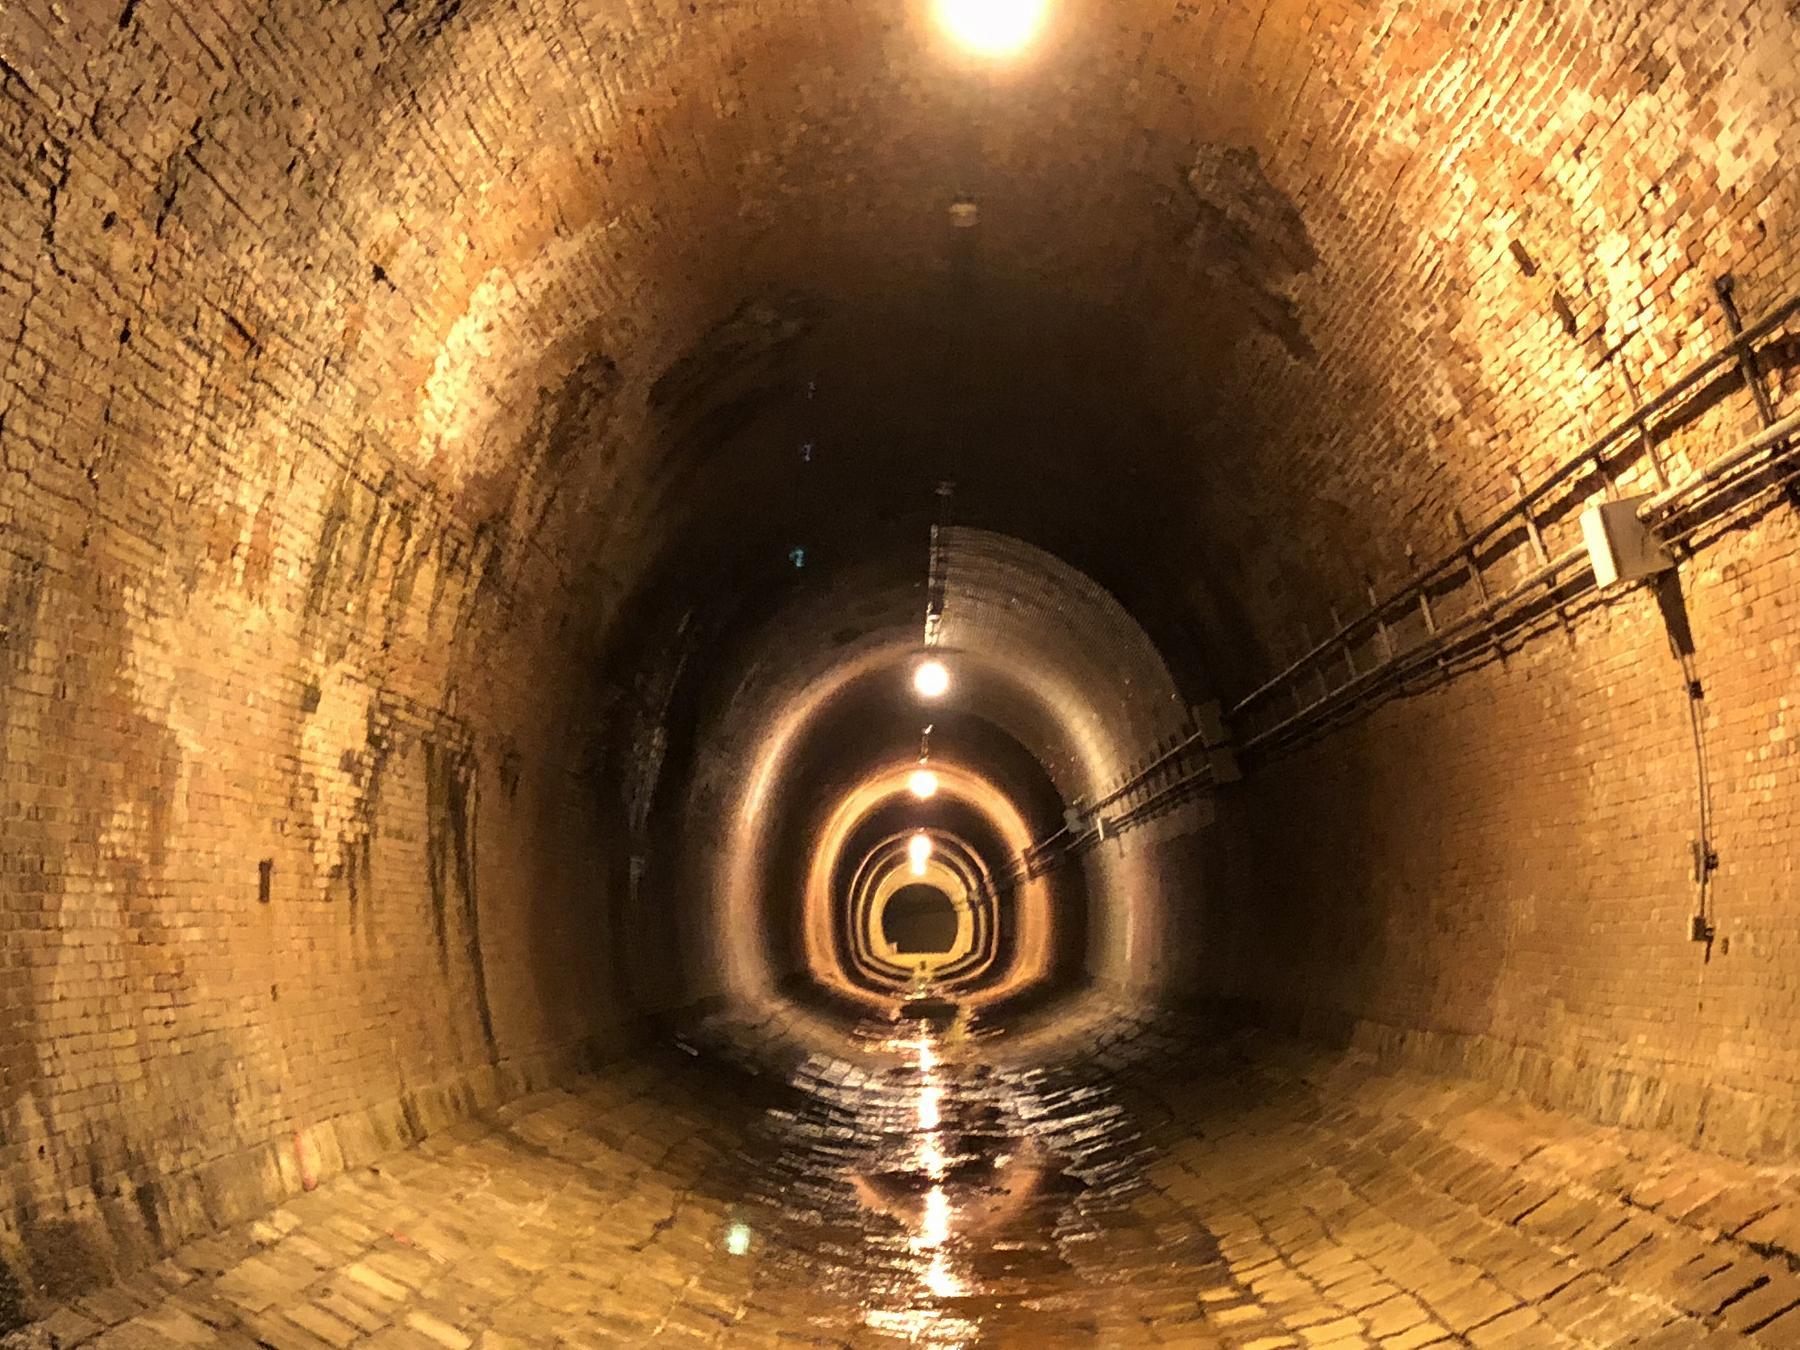 神戸・兵庫区にある「湊川隧道」の一般公開に参加、内部を歩いてみた! #湊川隧道 #近代建築